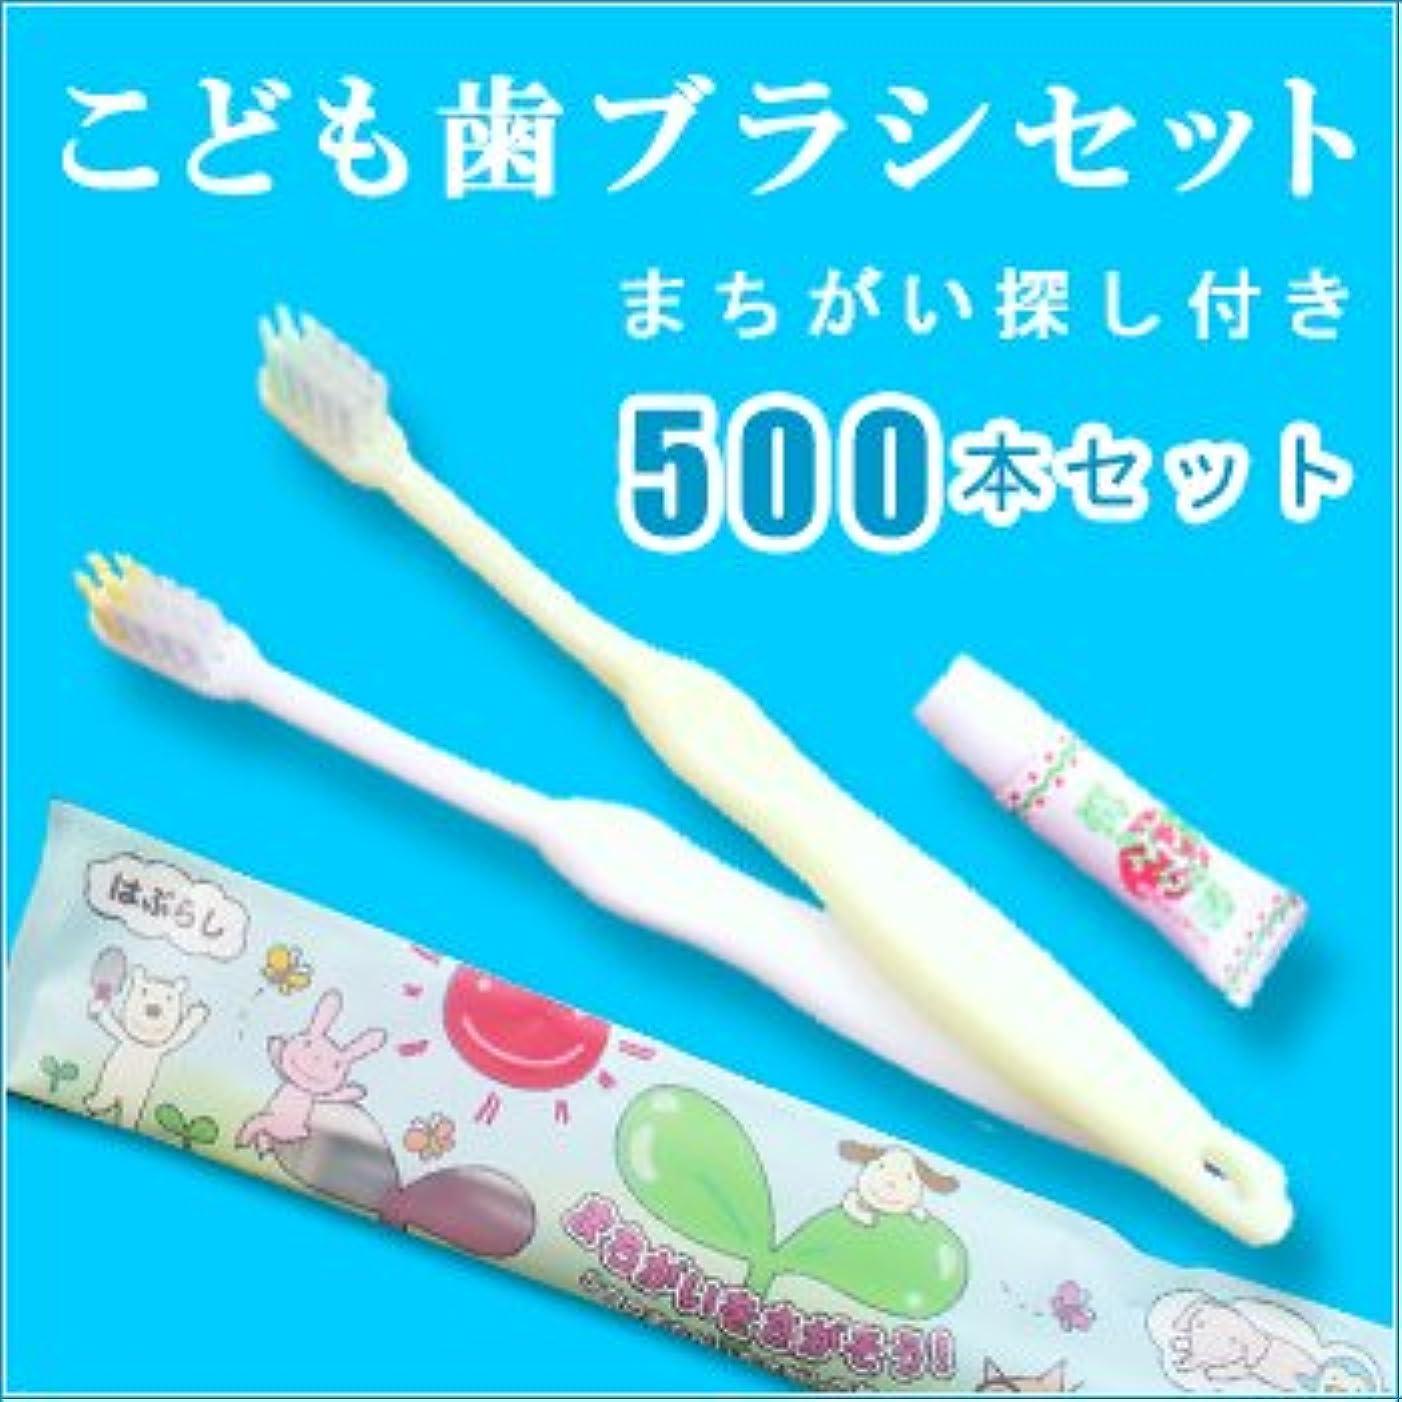 パイント歌う滅多こども用歯ブラシ いちご味の歯磨き粉 3gチューブ付 ホワイト?イエロー2色アソート(1セット500本)1本当たり34円